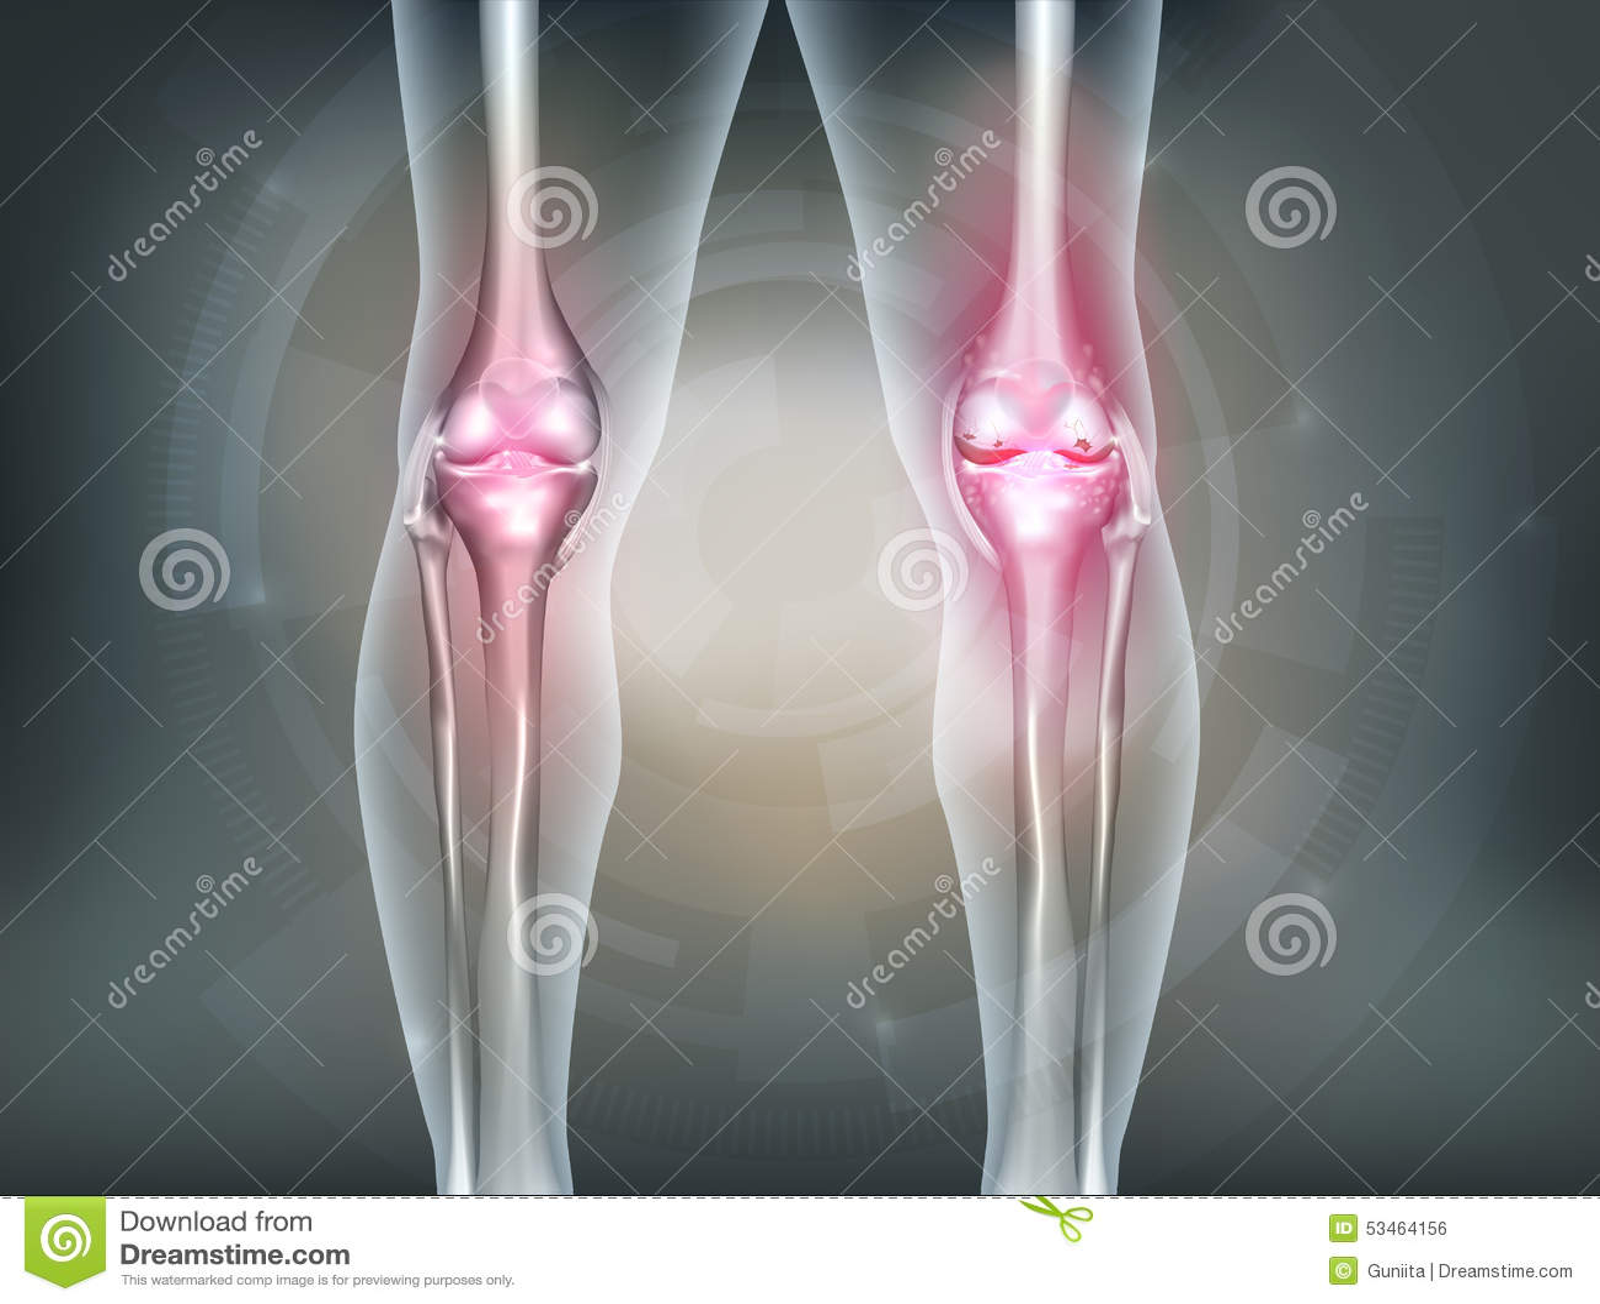 Menschliche Beine Und Kniegelenk Vektor Abbildung - Illustration von ...